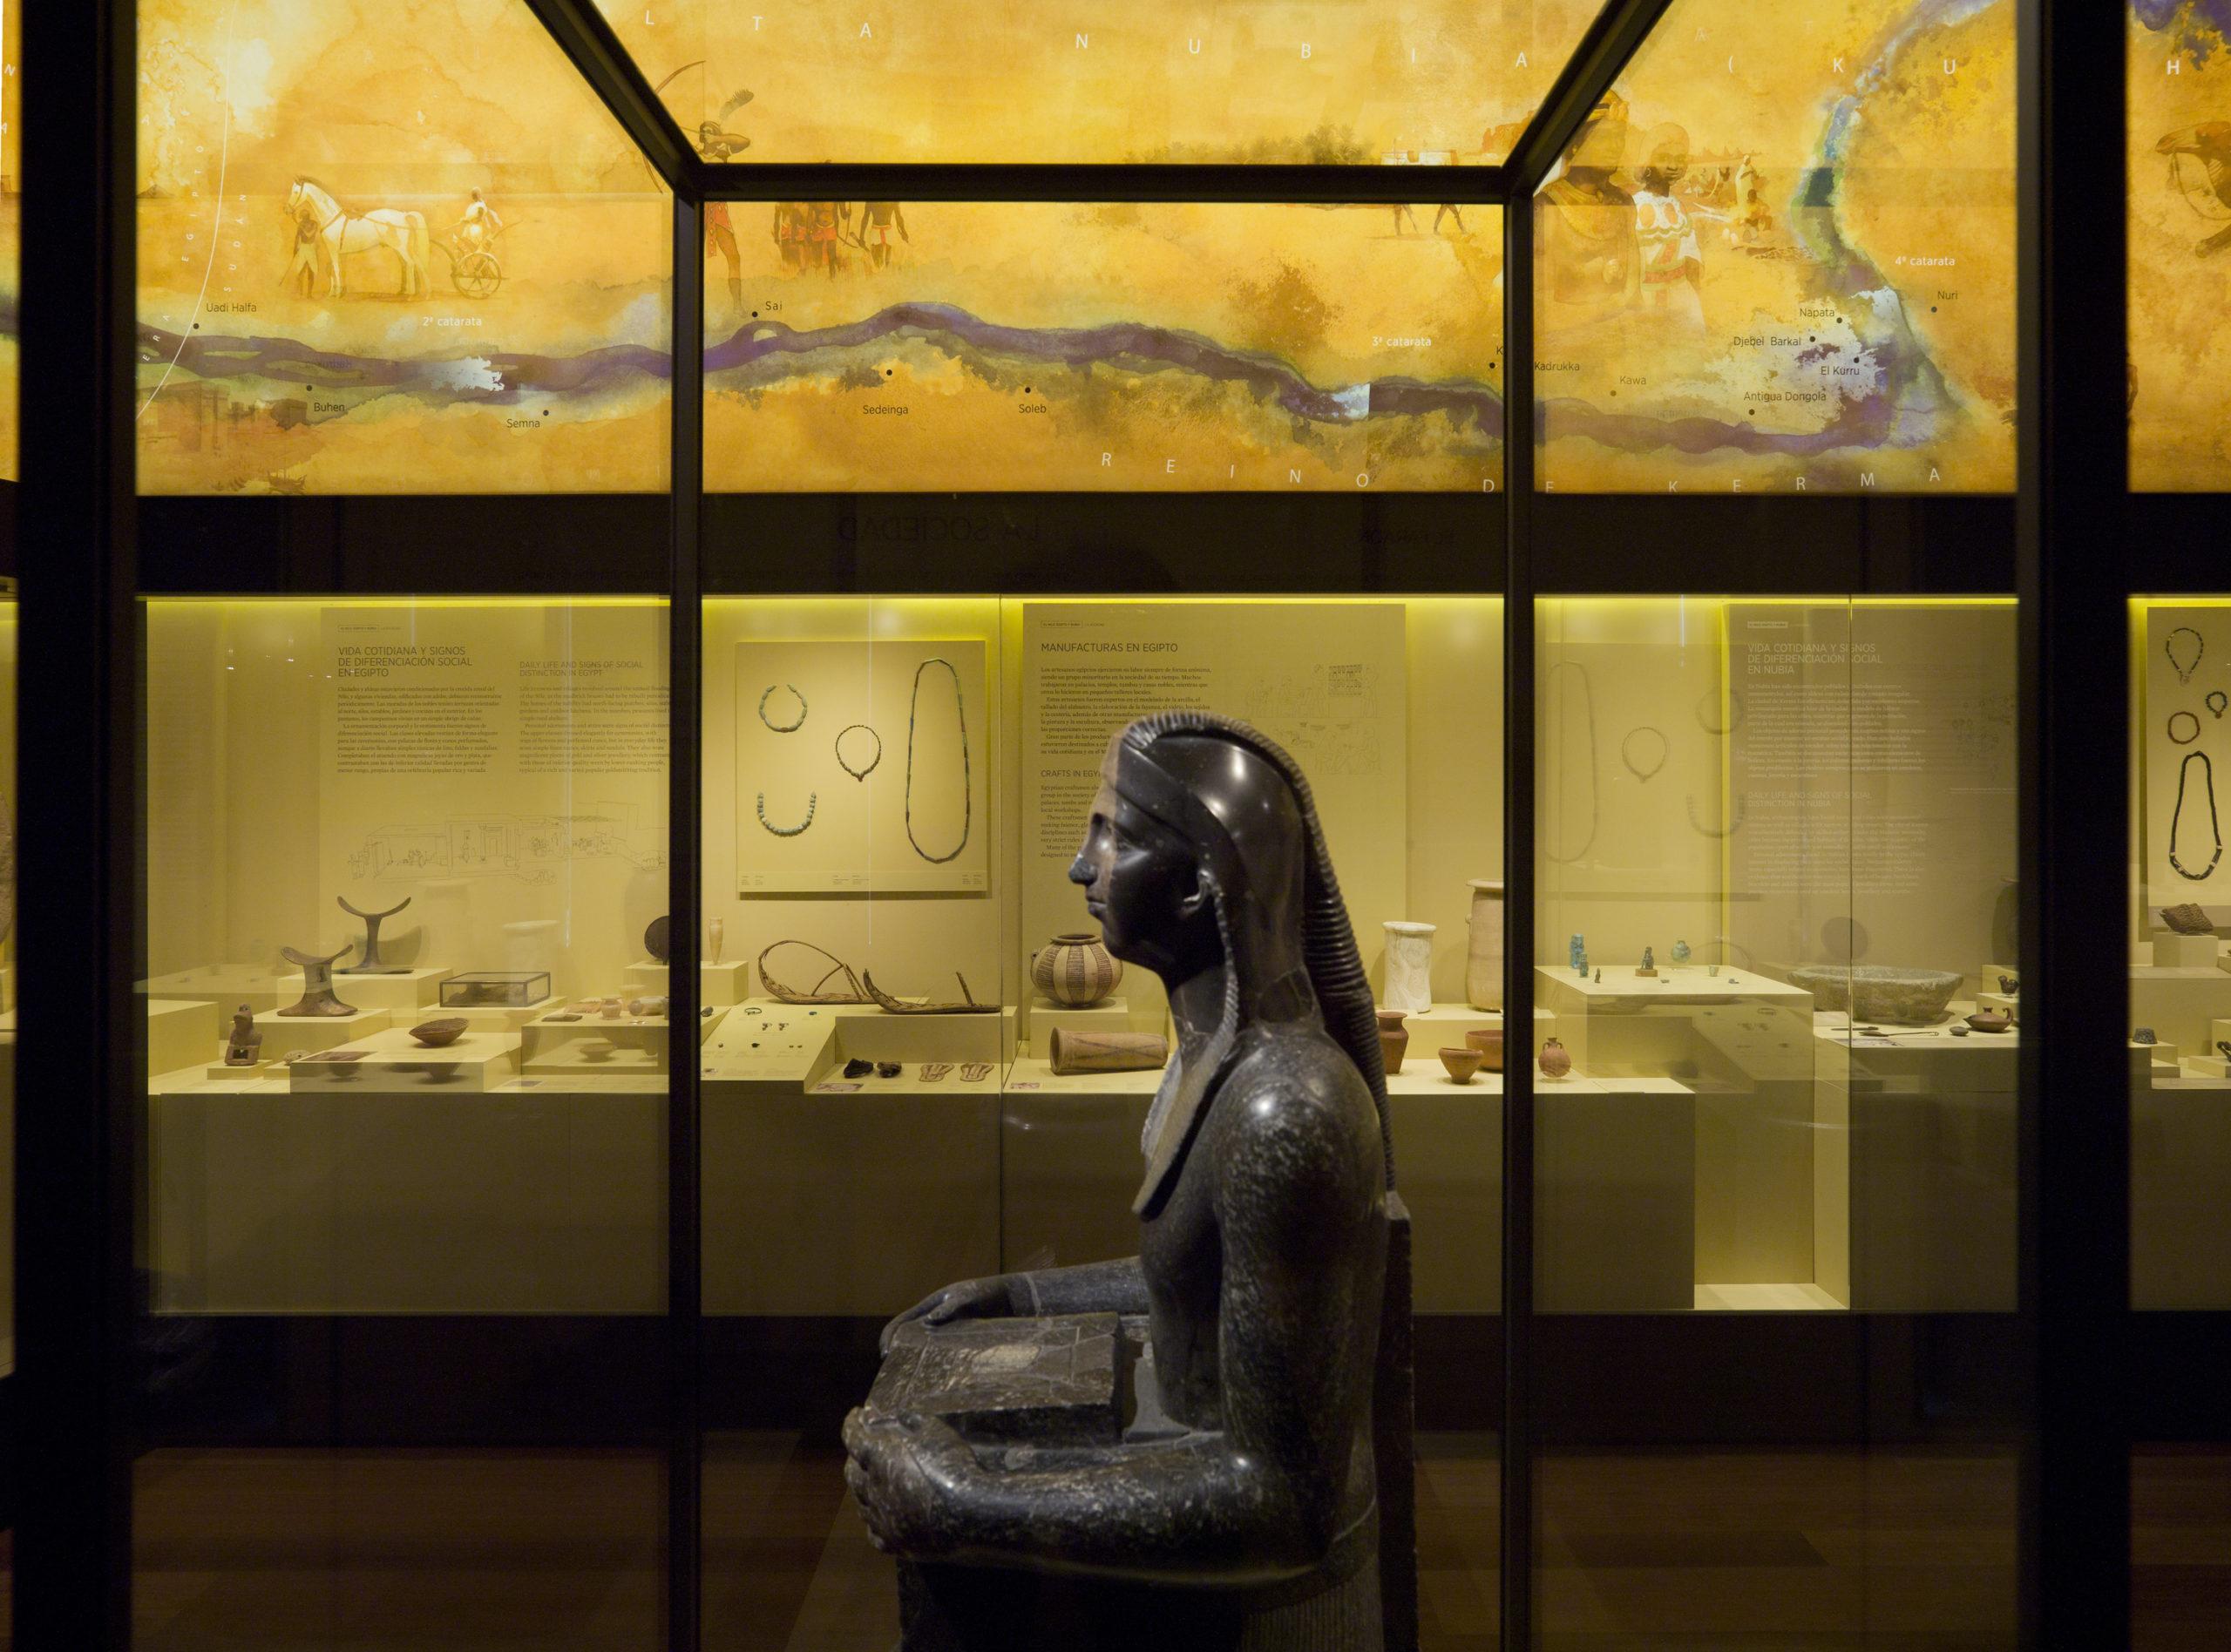 Sala del Museo Arqueológico Nacional